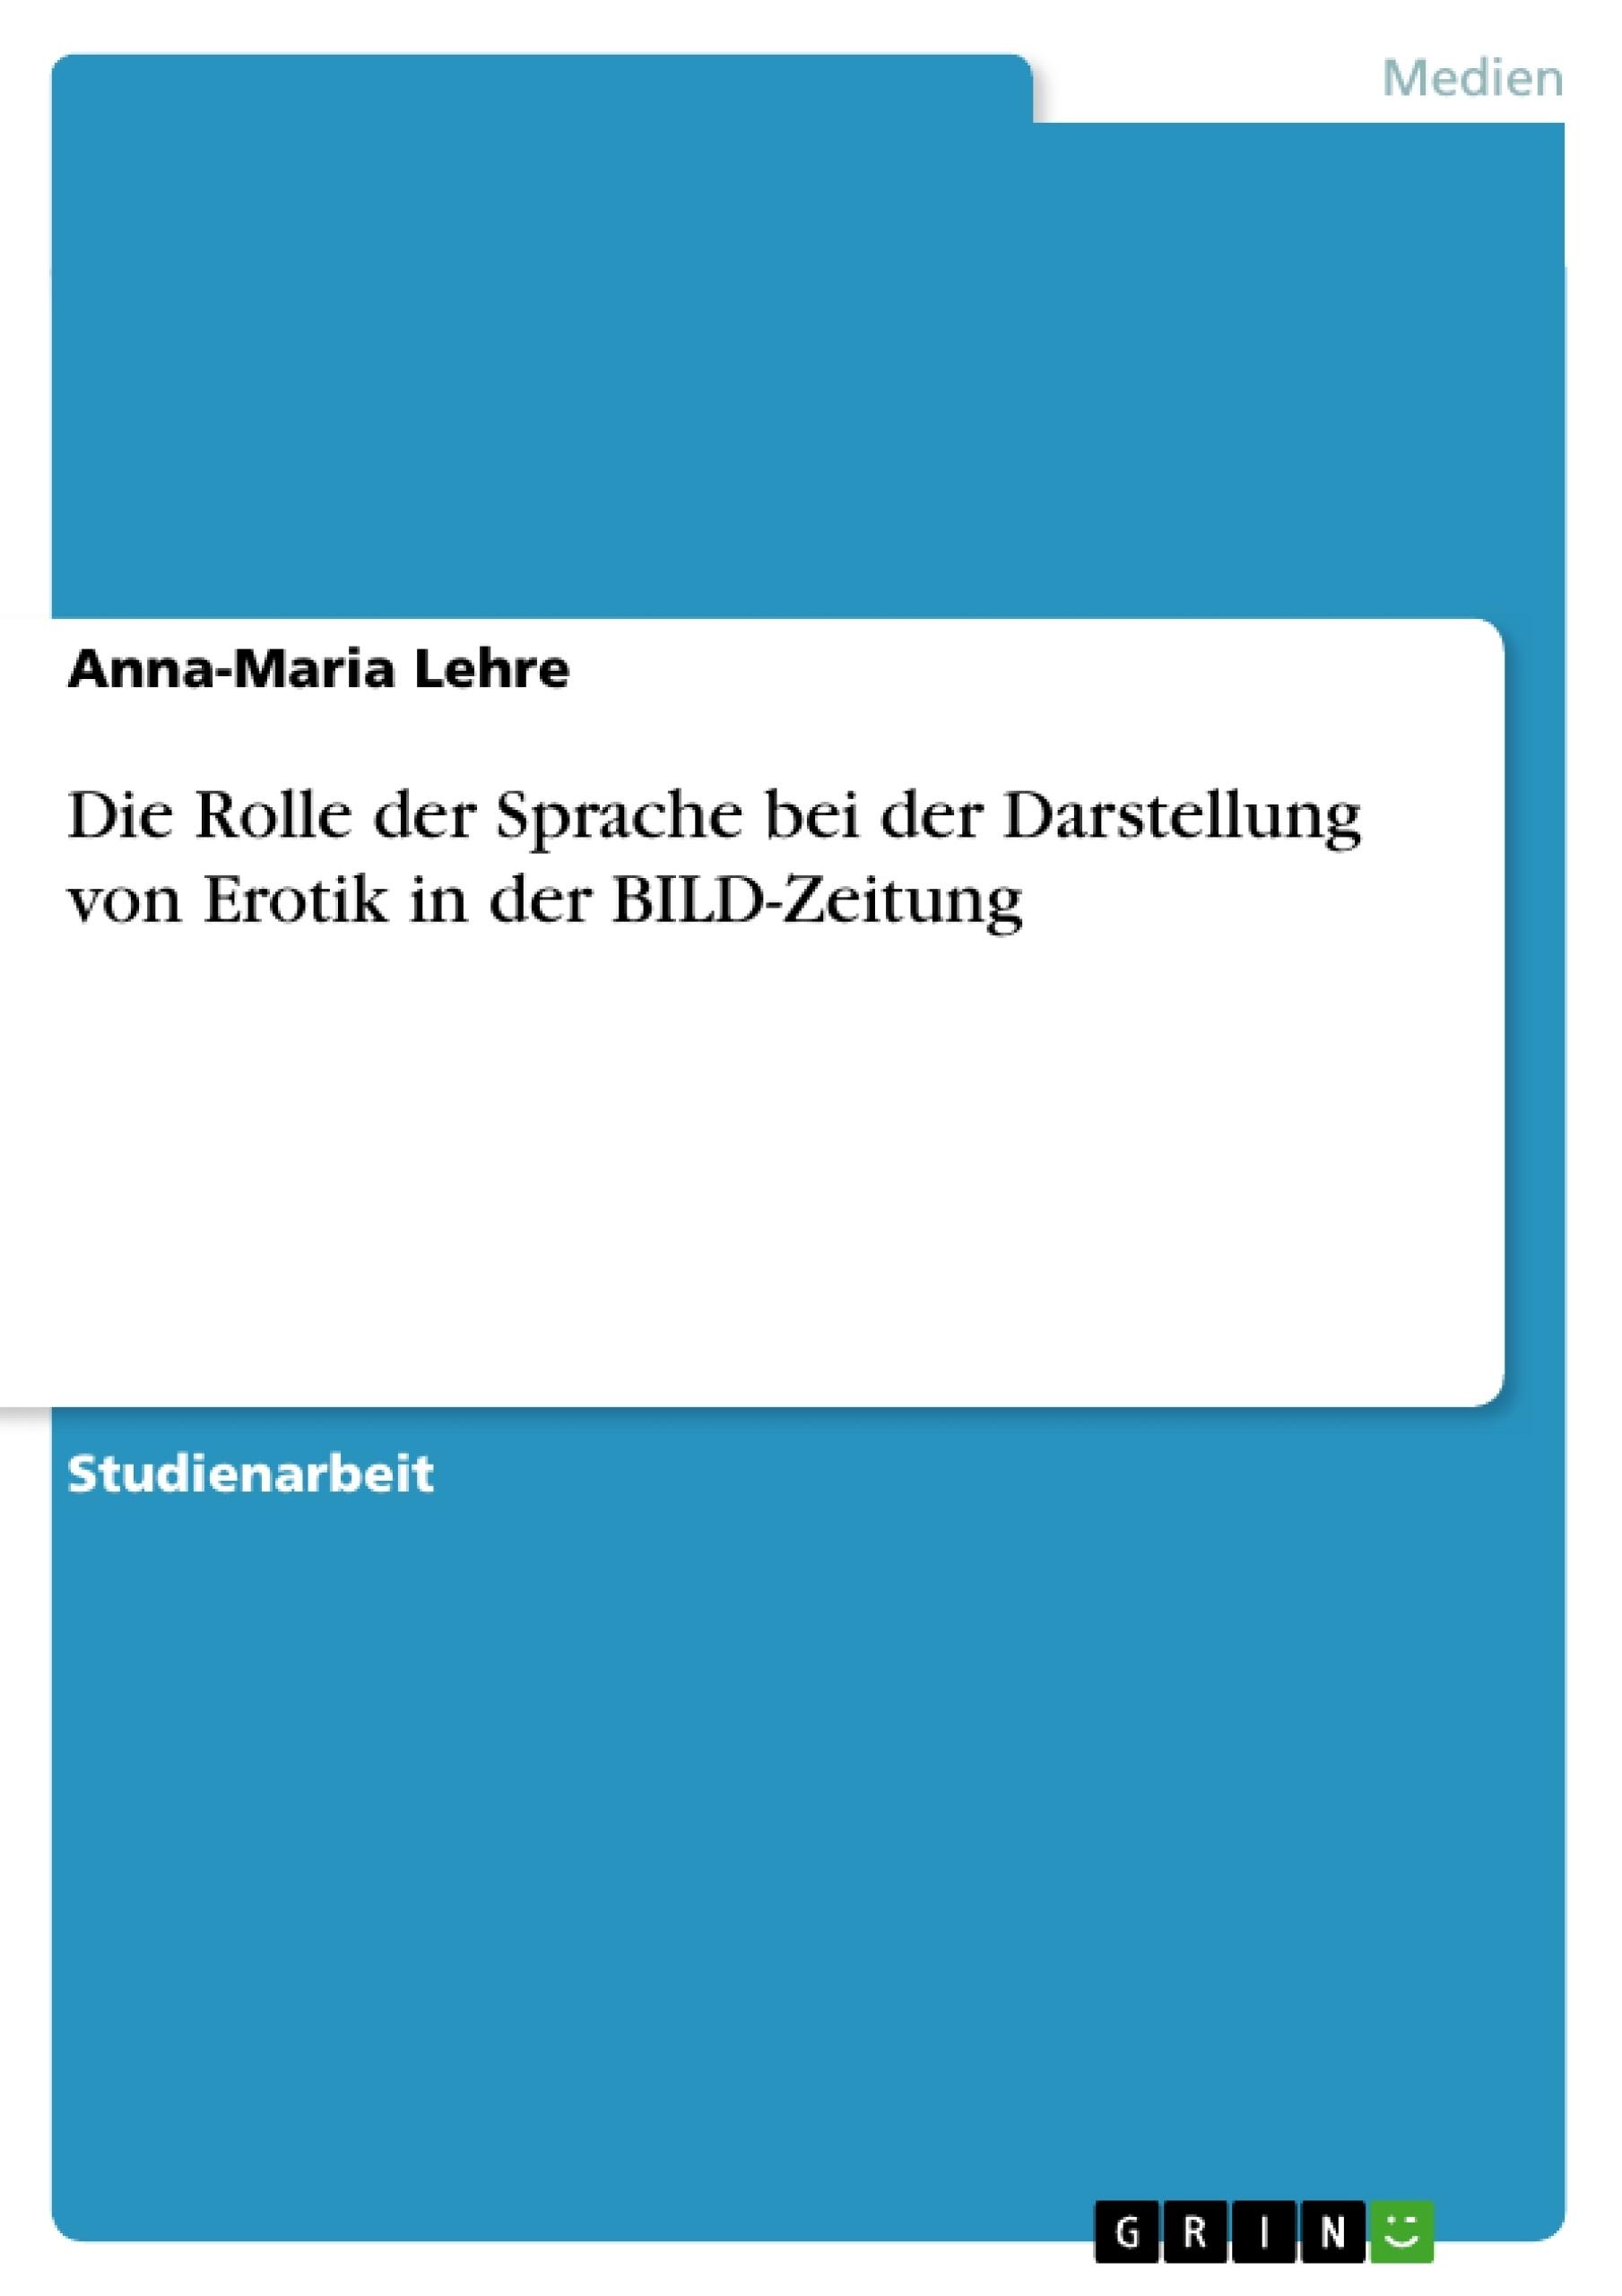 Titel: Die Rolle der Sprache bei der Darstellung von Erotik in der BILD-Zeitung